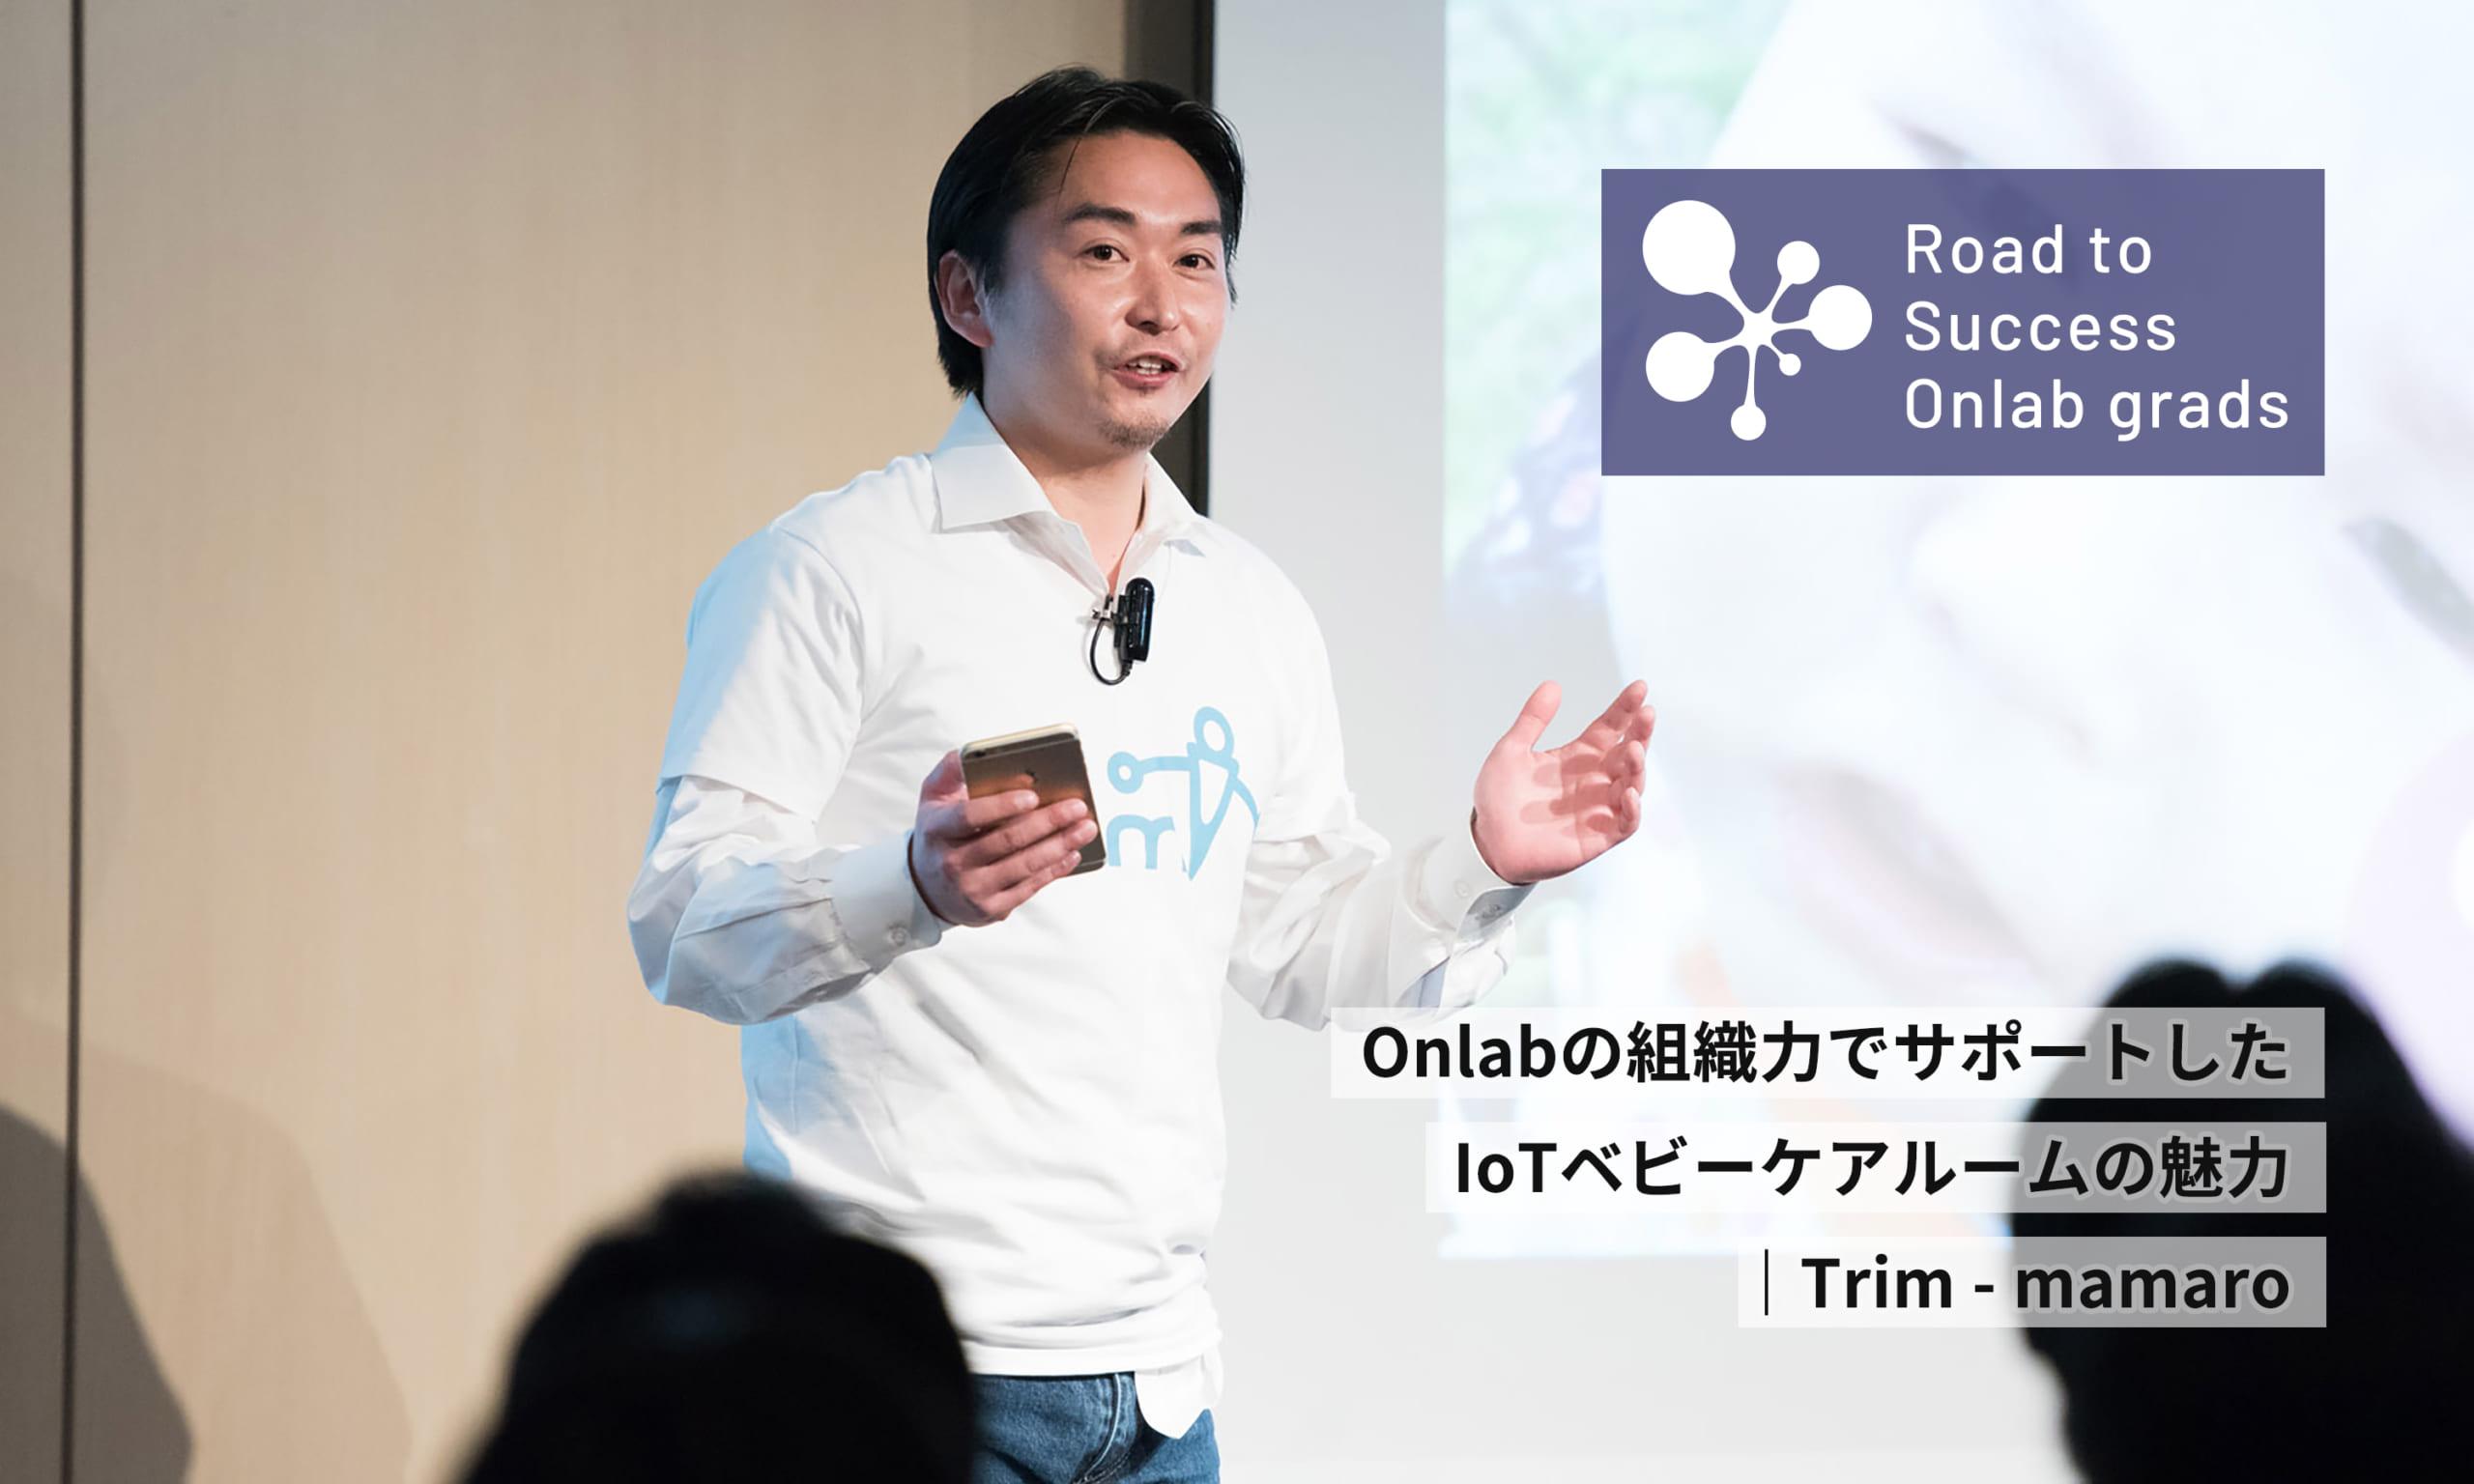 Onlabの組織力でサポートしたIoTベビーケアルームの魅力|Trim-mamro|Road to Success Onlab grads vol.3